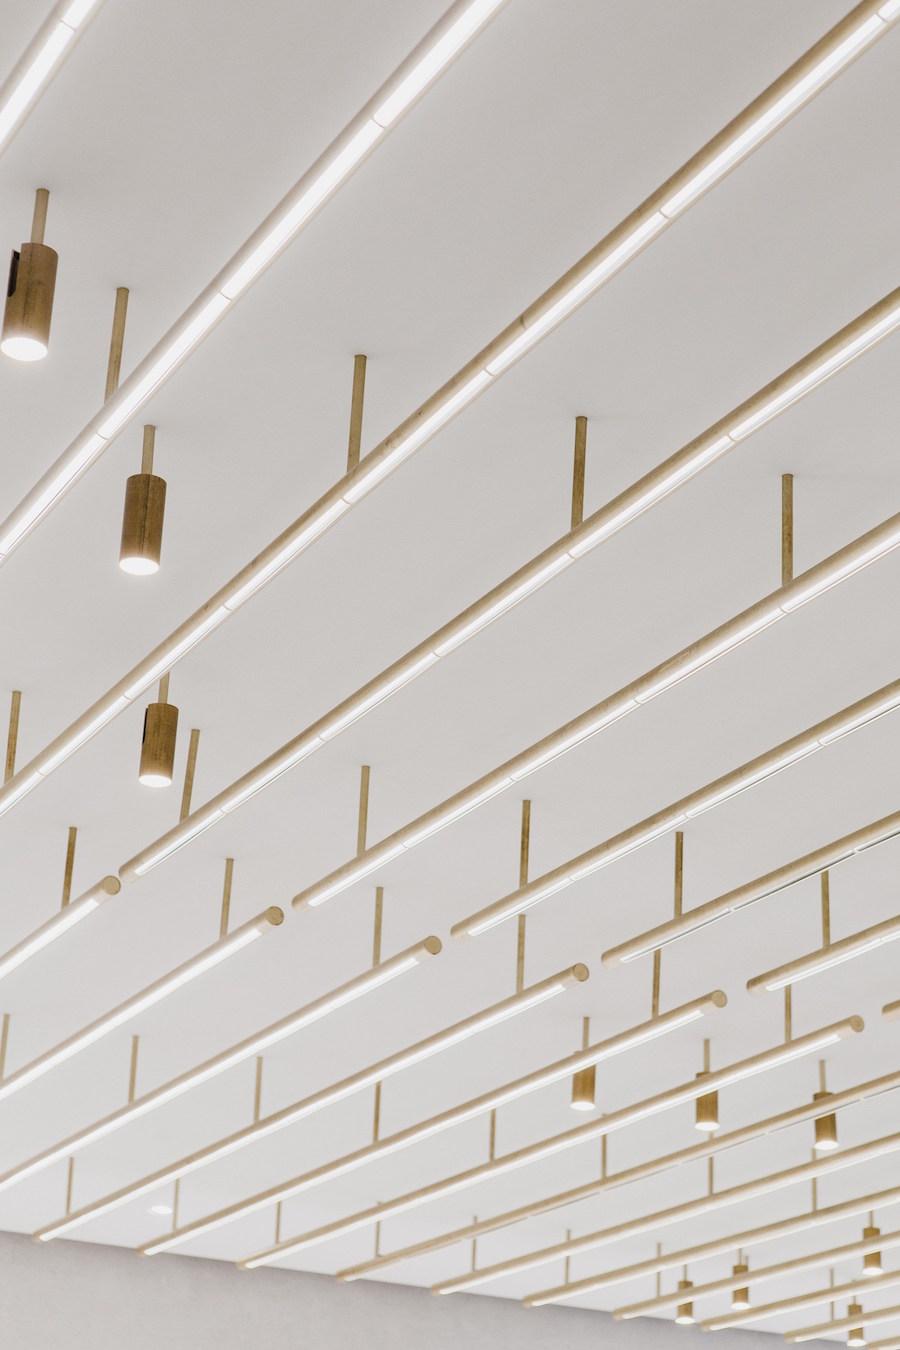 jil-sander-andrea-tognon-architecture-5